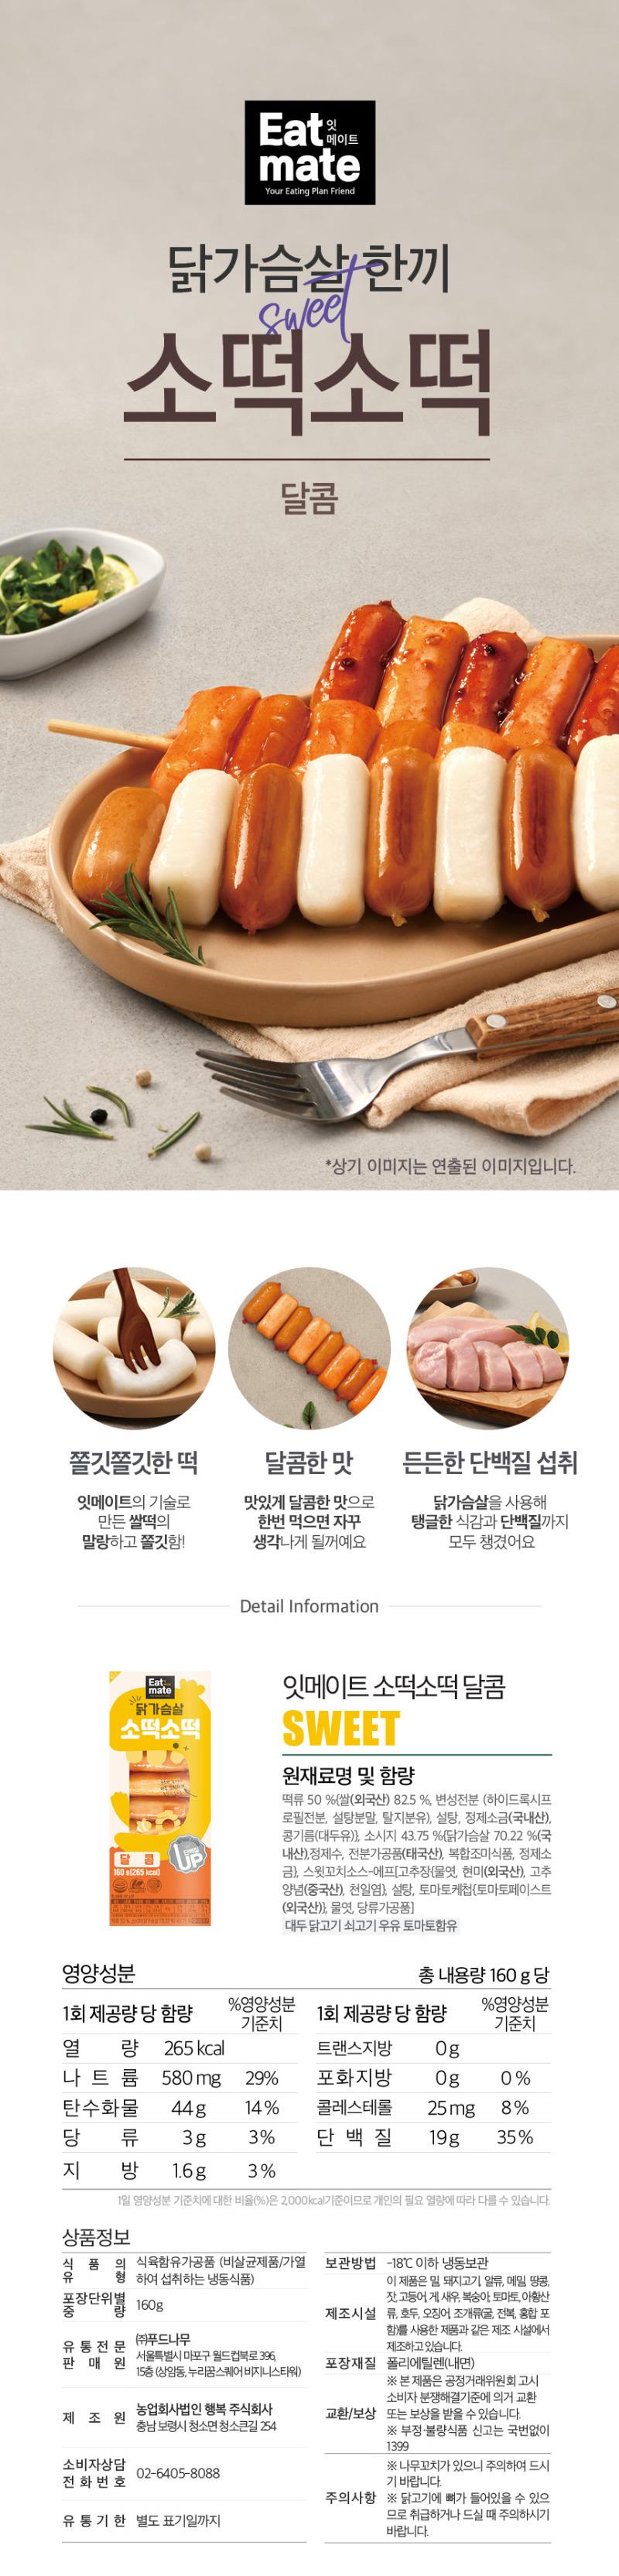 닭가슴살 소떡소떡 달콤